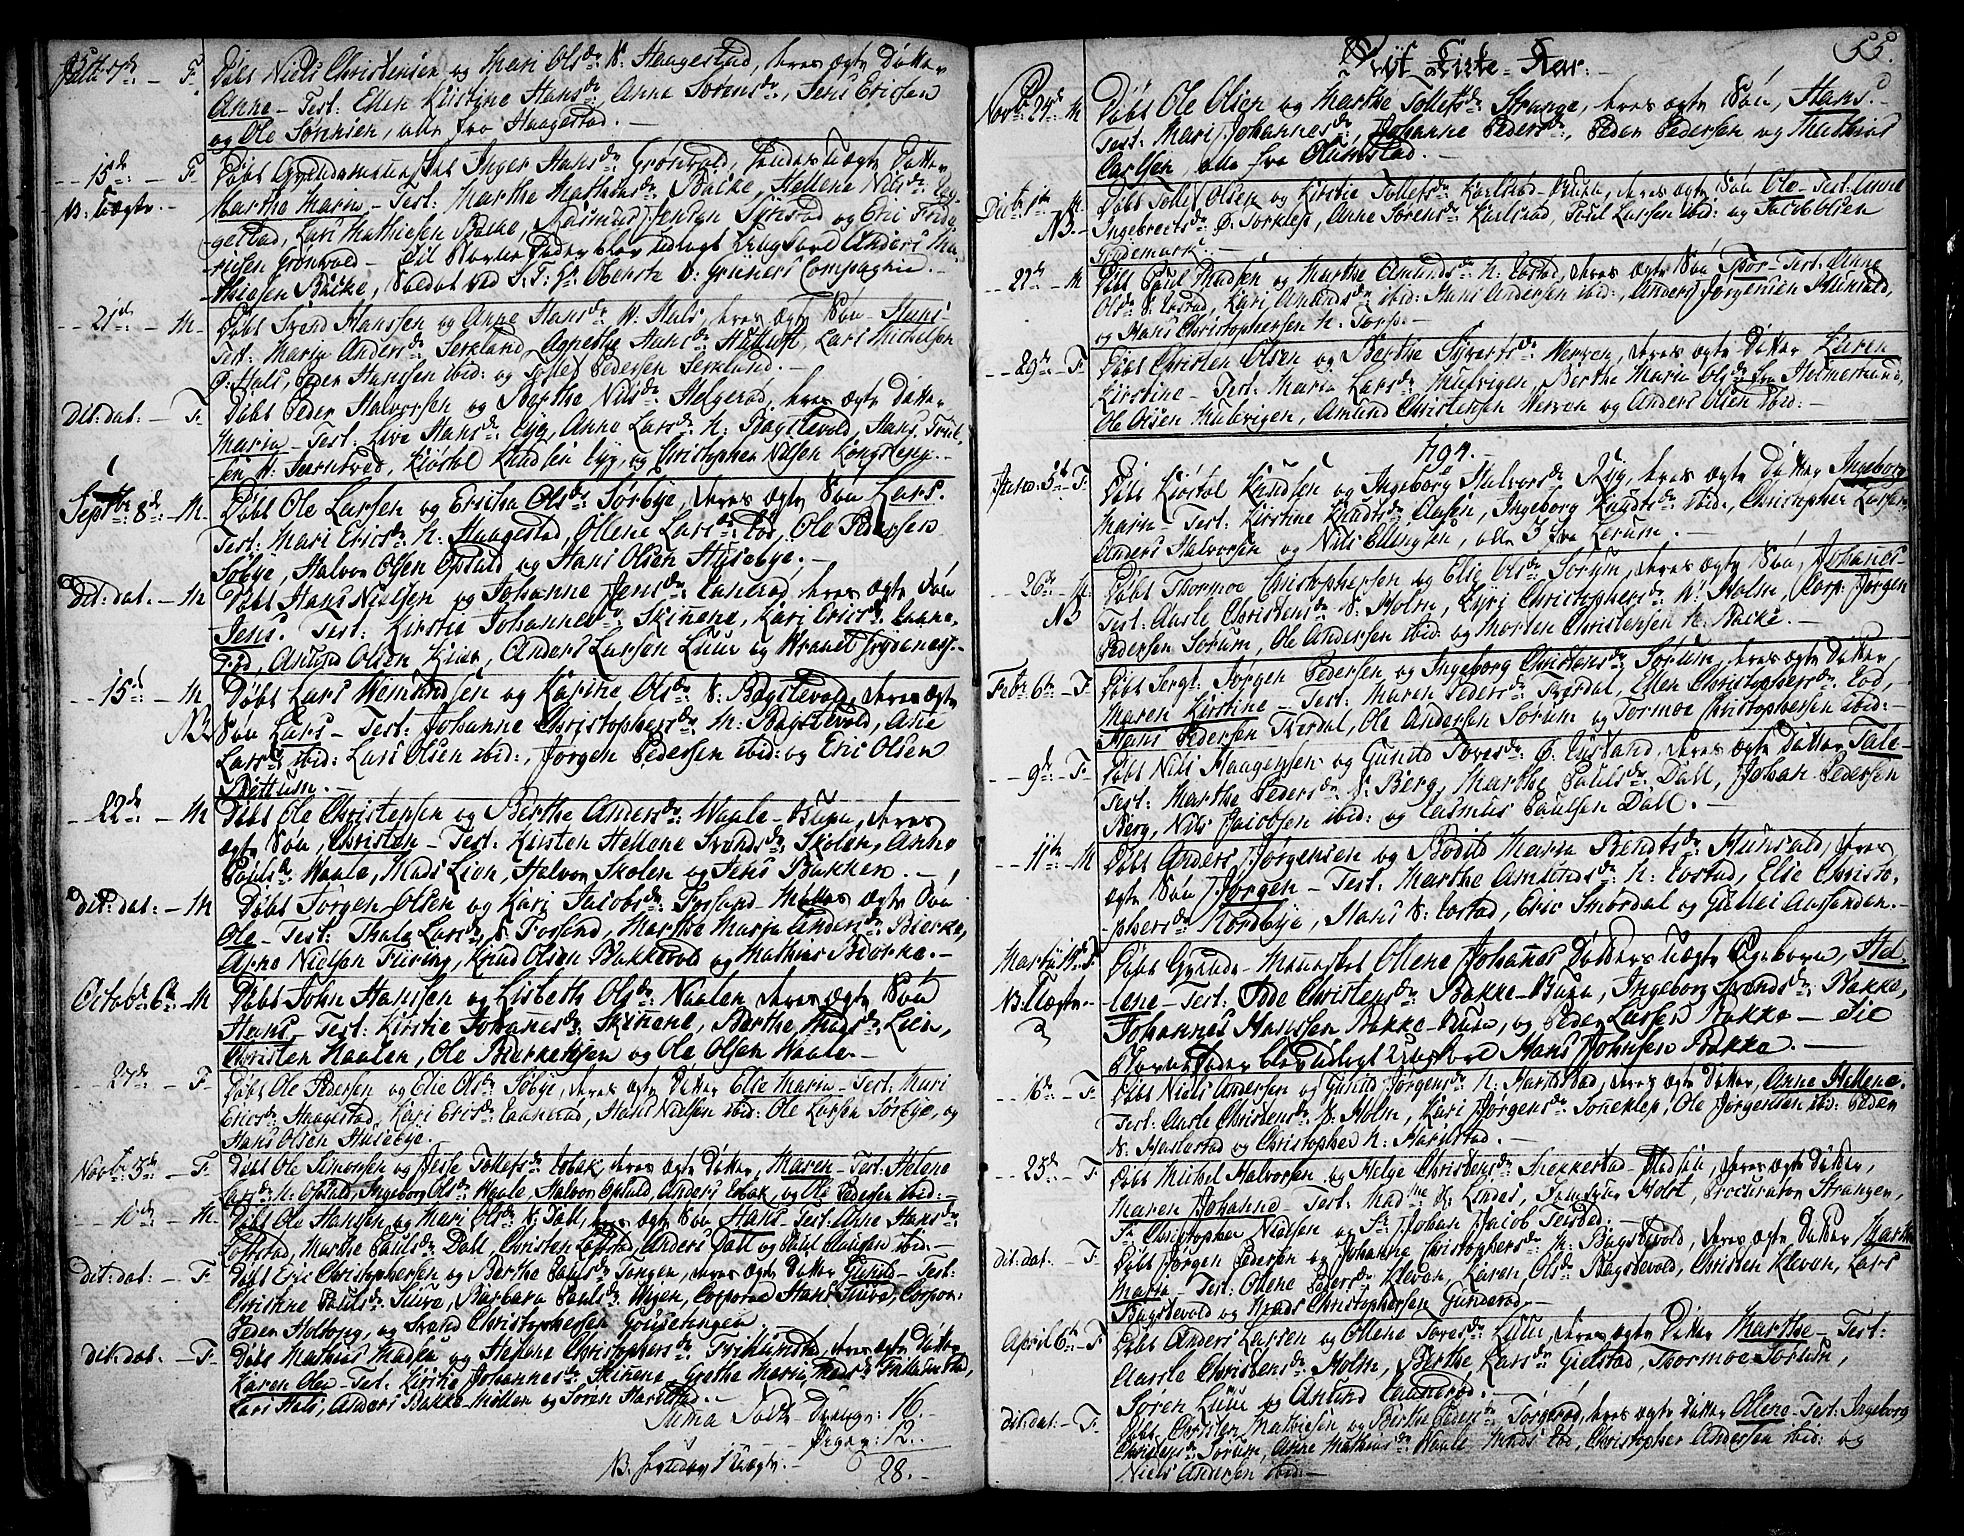 SAKO, Våle kirkebøker, F/Fa/L0005: Ministerialbok nr. I 5, 1773-1808, s. 54-55